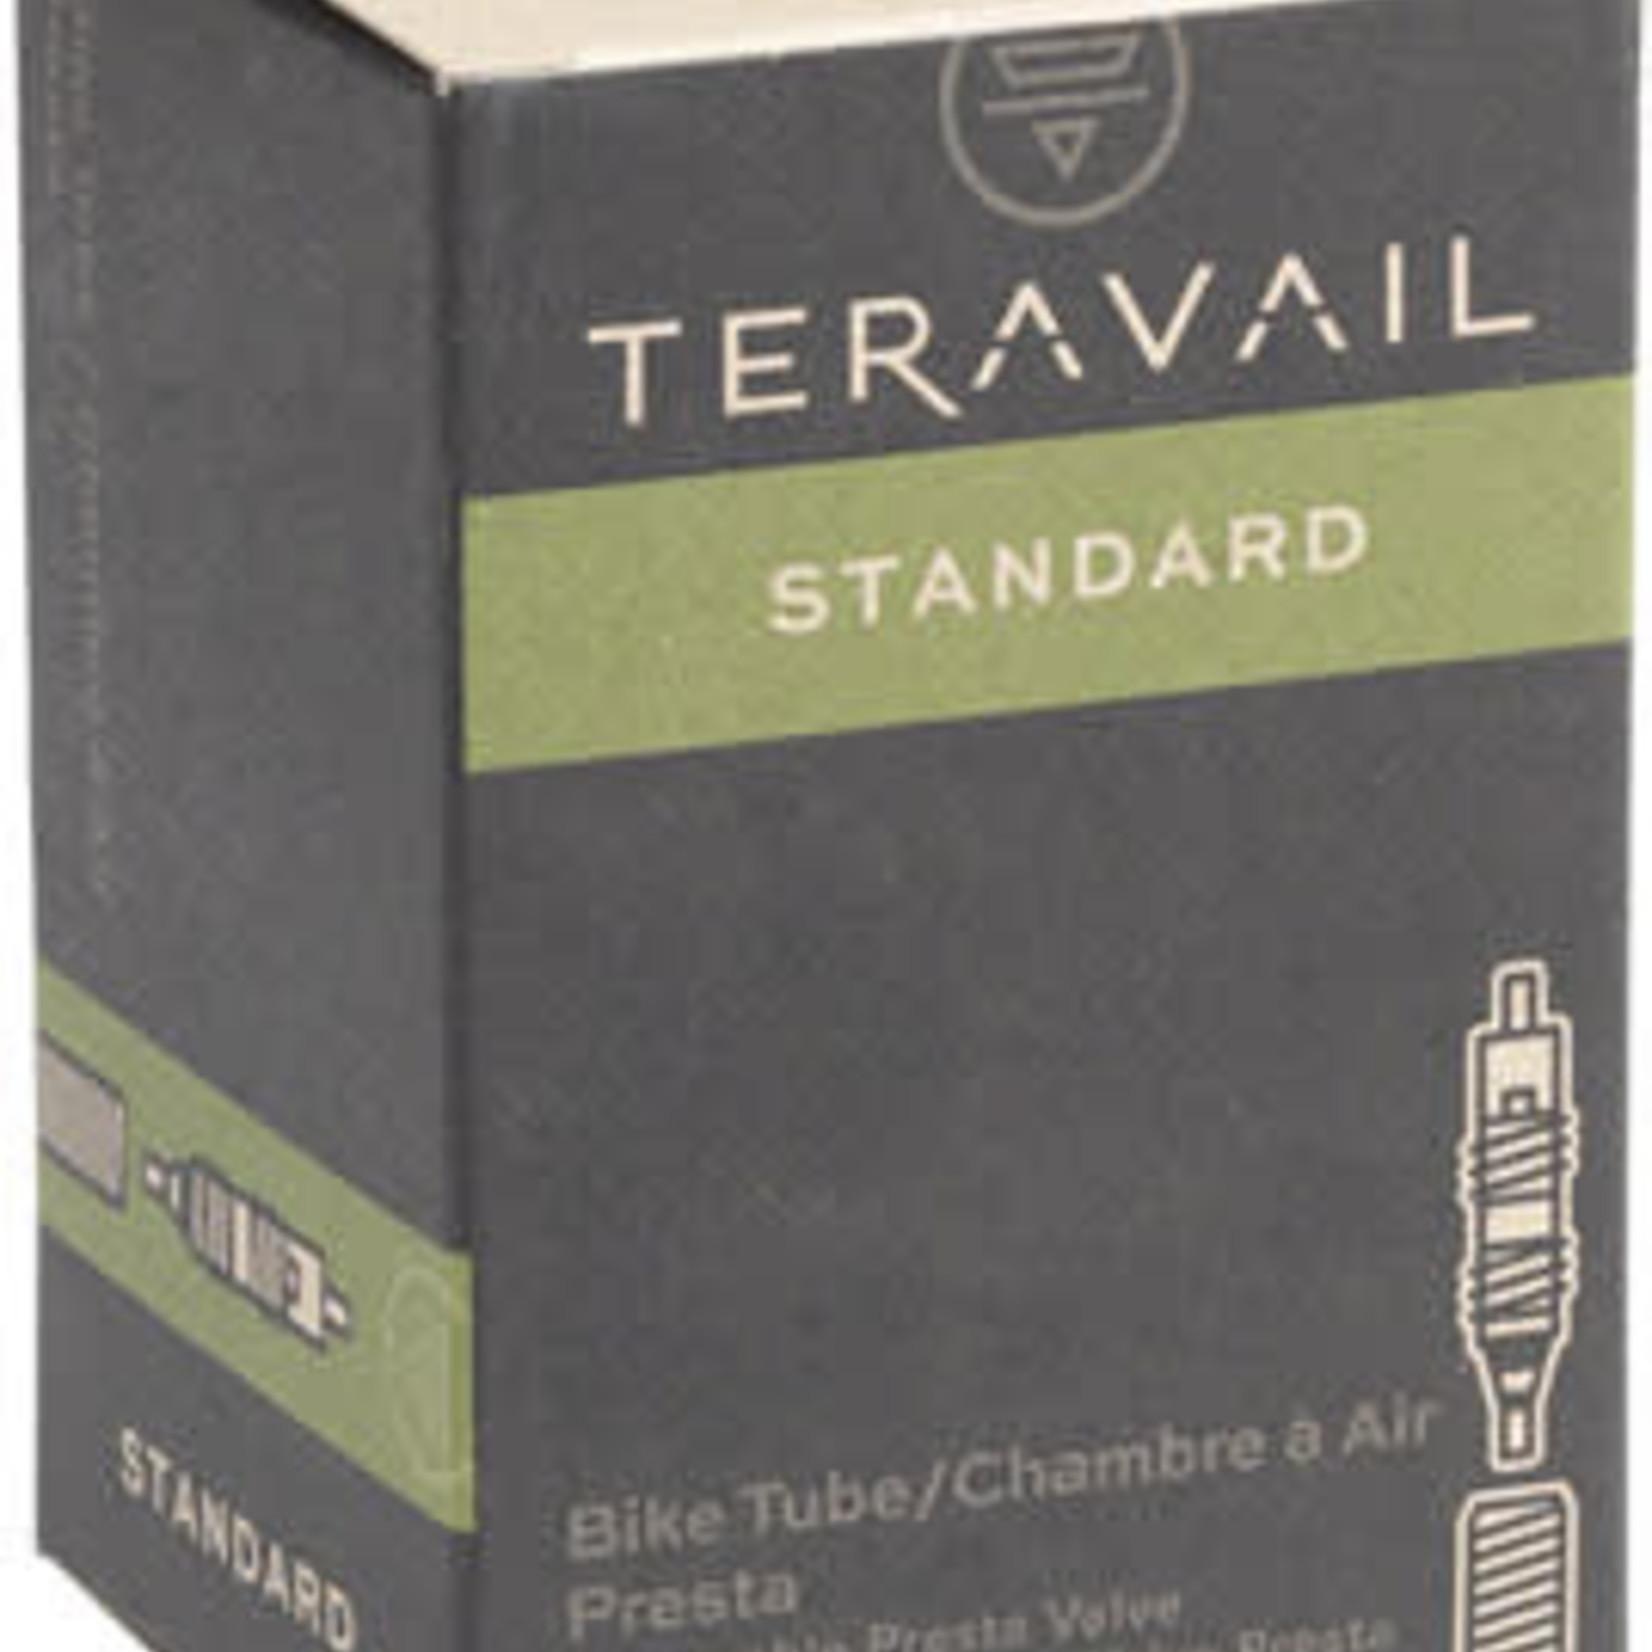 TUBE Q-Tubes / Teravail Presta Tube: 650B+ x 35-43mm, 584mm ETRTO, 32mm valve